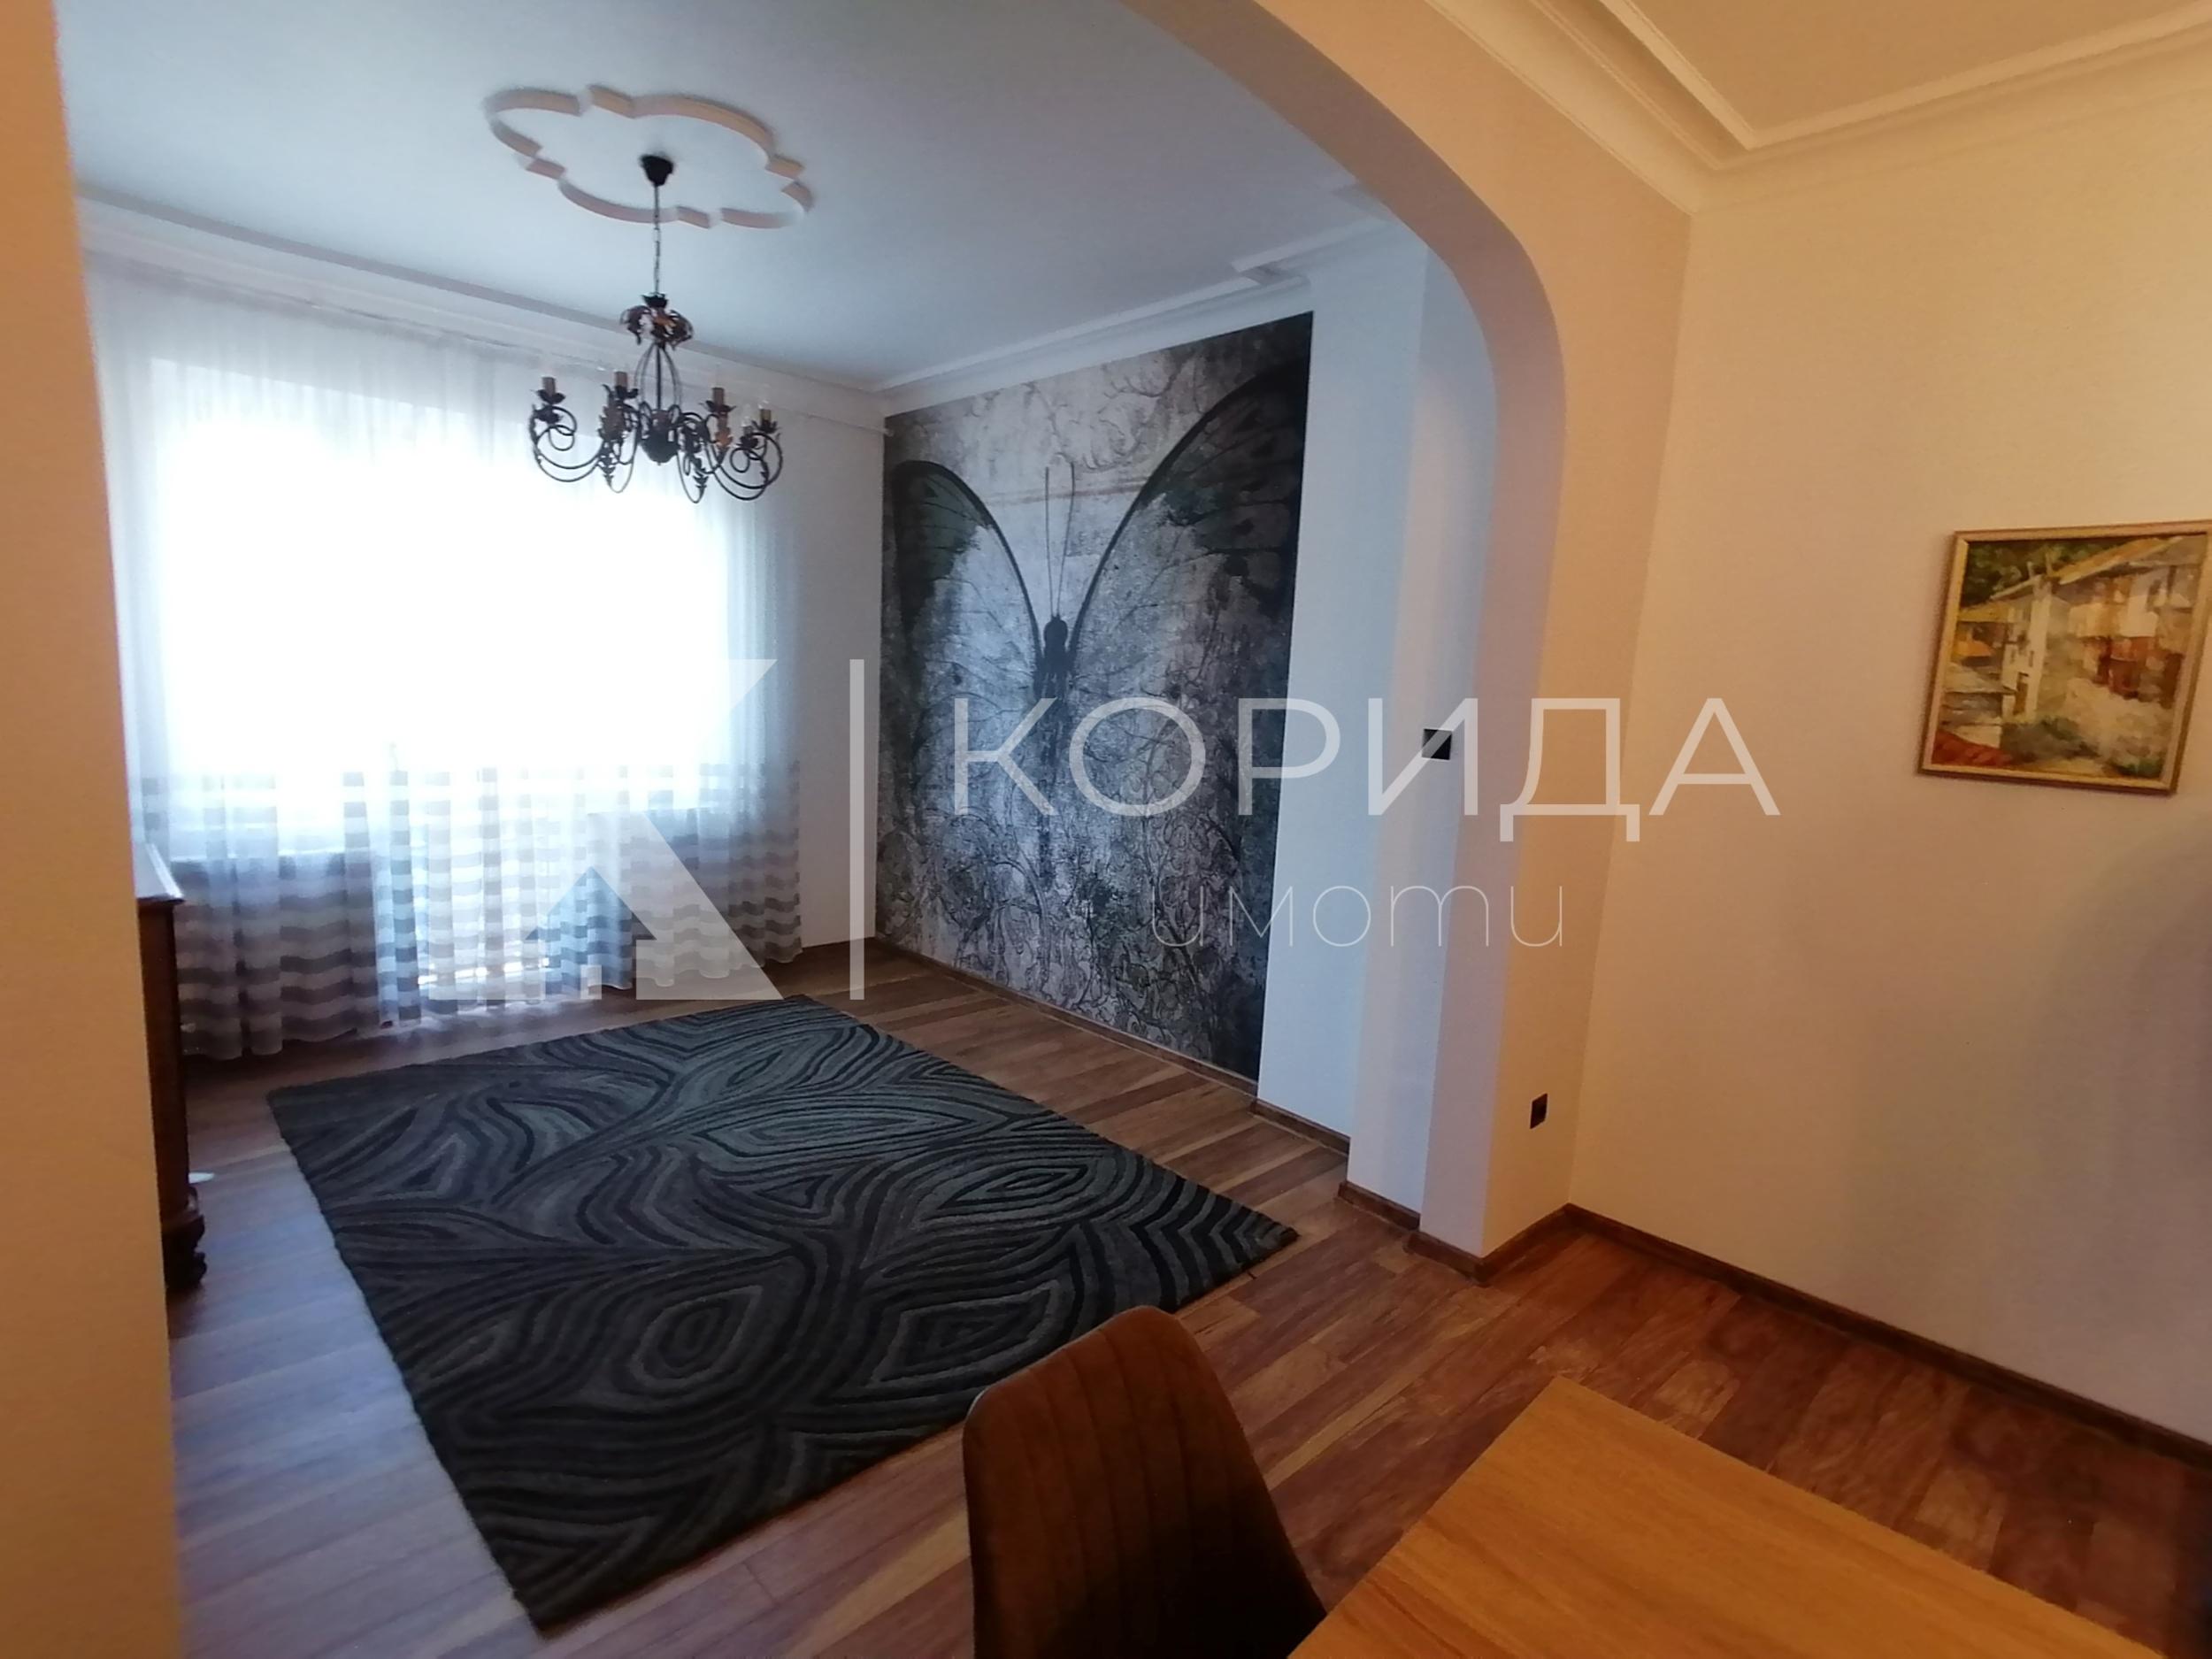 Стилен 4-стаен апартамент на ул. Граф Игнатиев